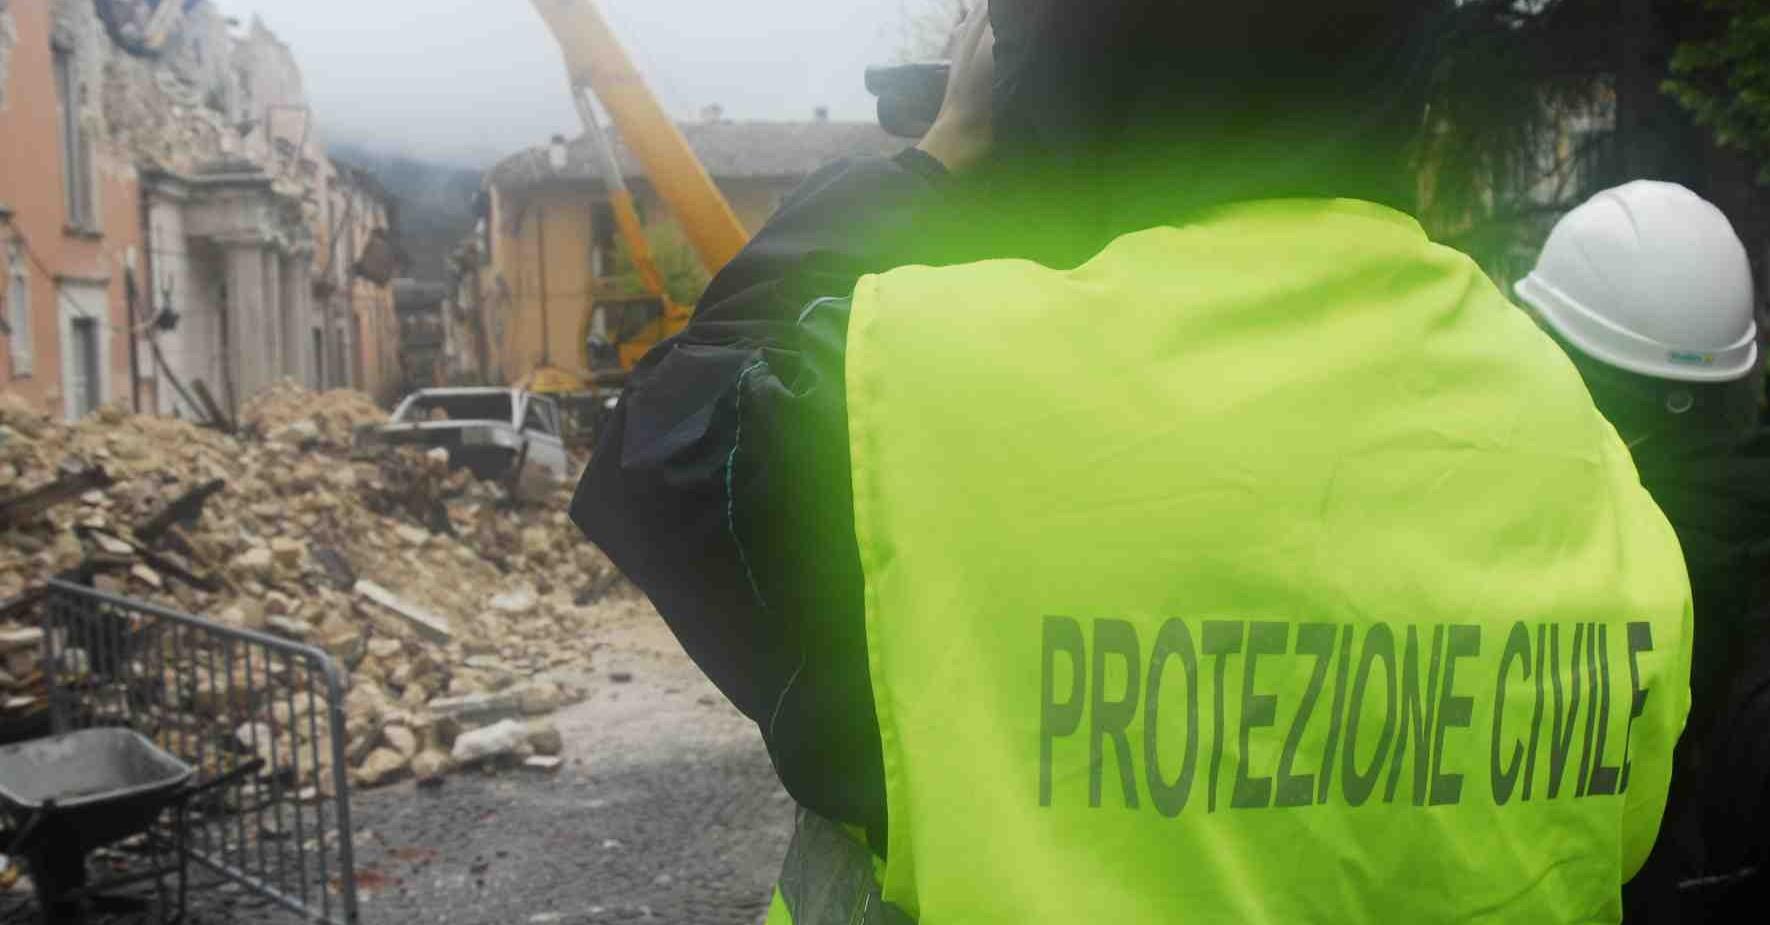 Protezione civile- L'Aquila